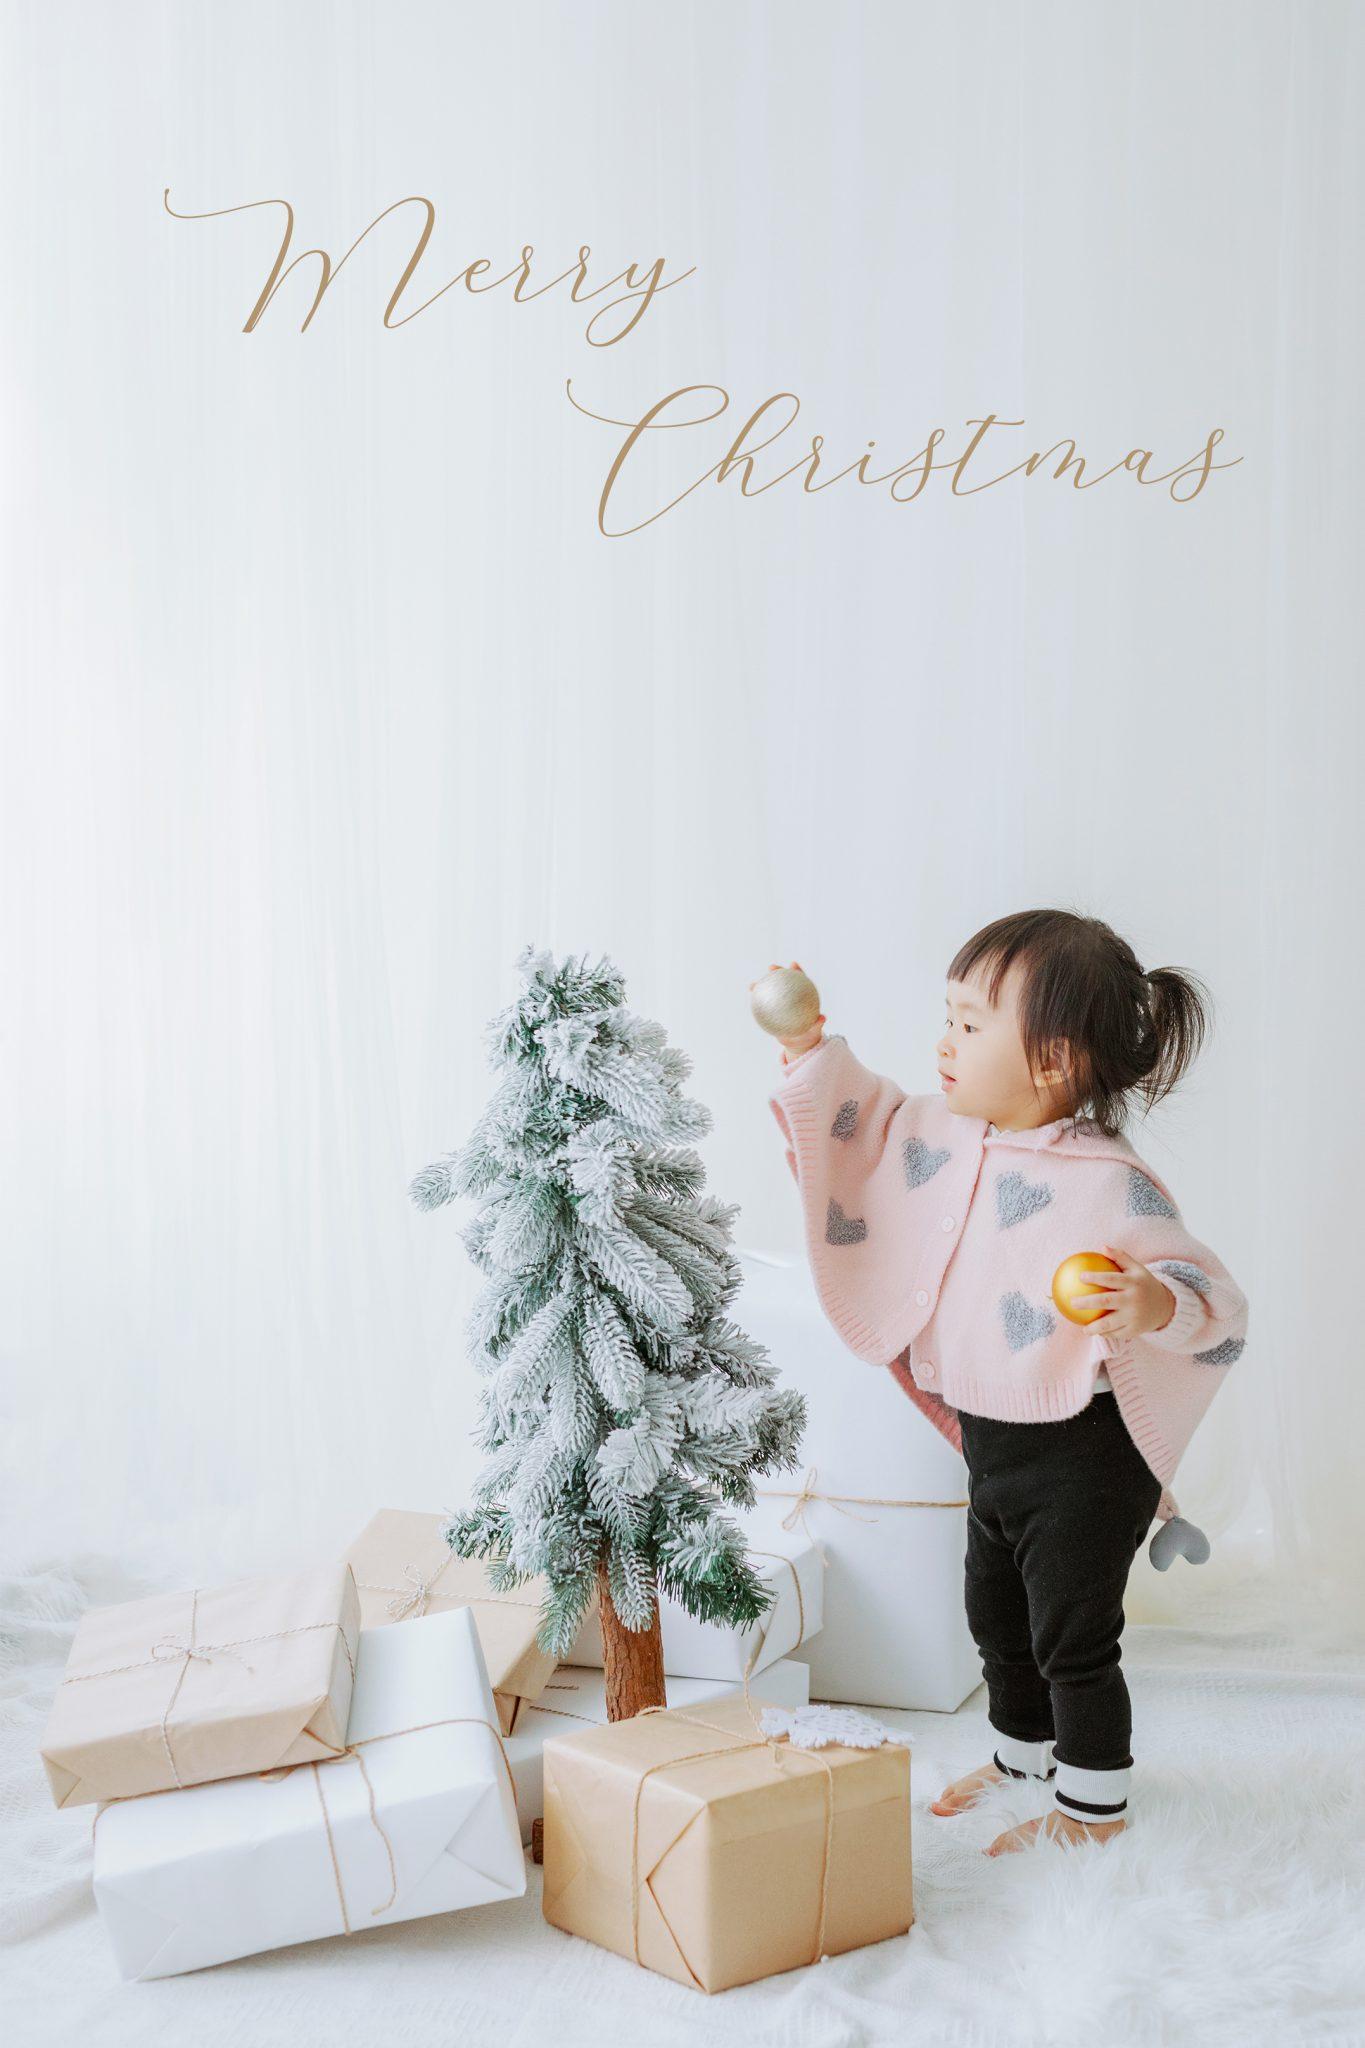 親子攝影,寶寶寫真,全家福攝影,全家福記錄,滿月攝影,聖誕節攝影,聖誕寫真,耶誕攝影